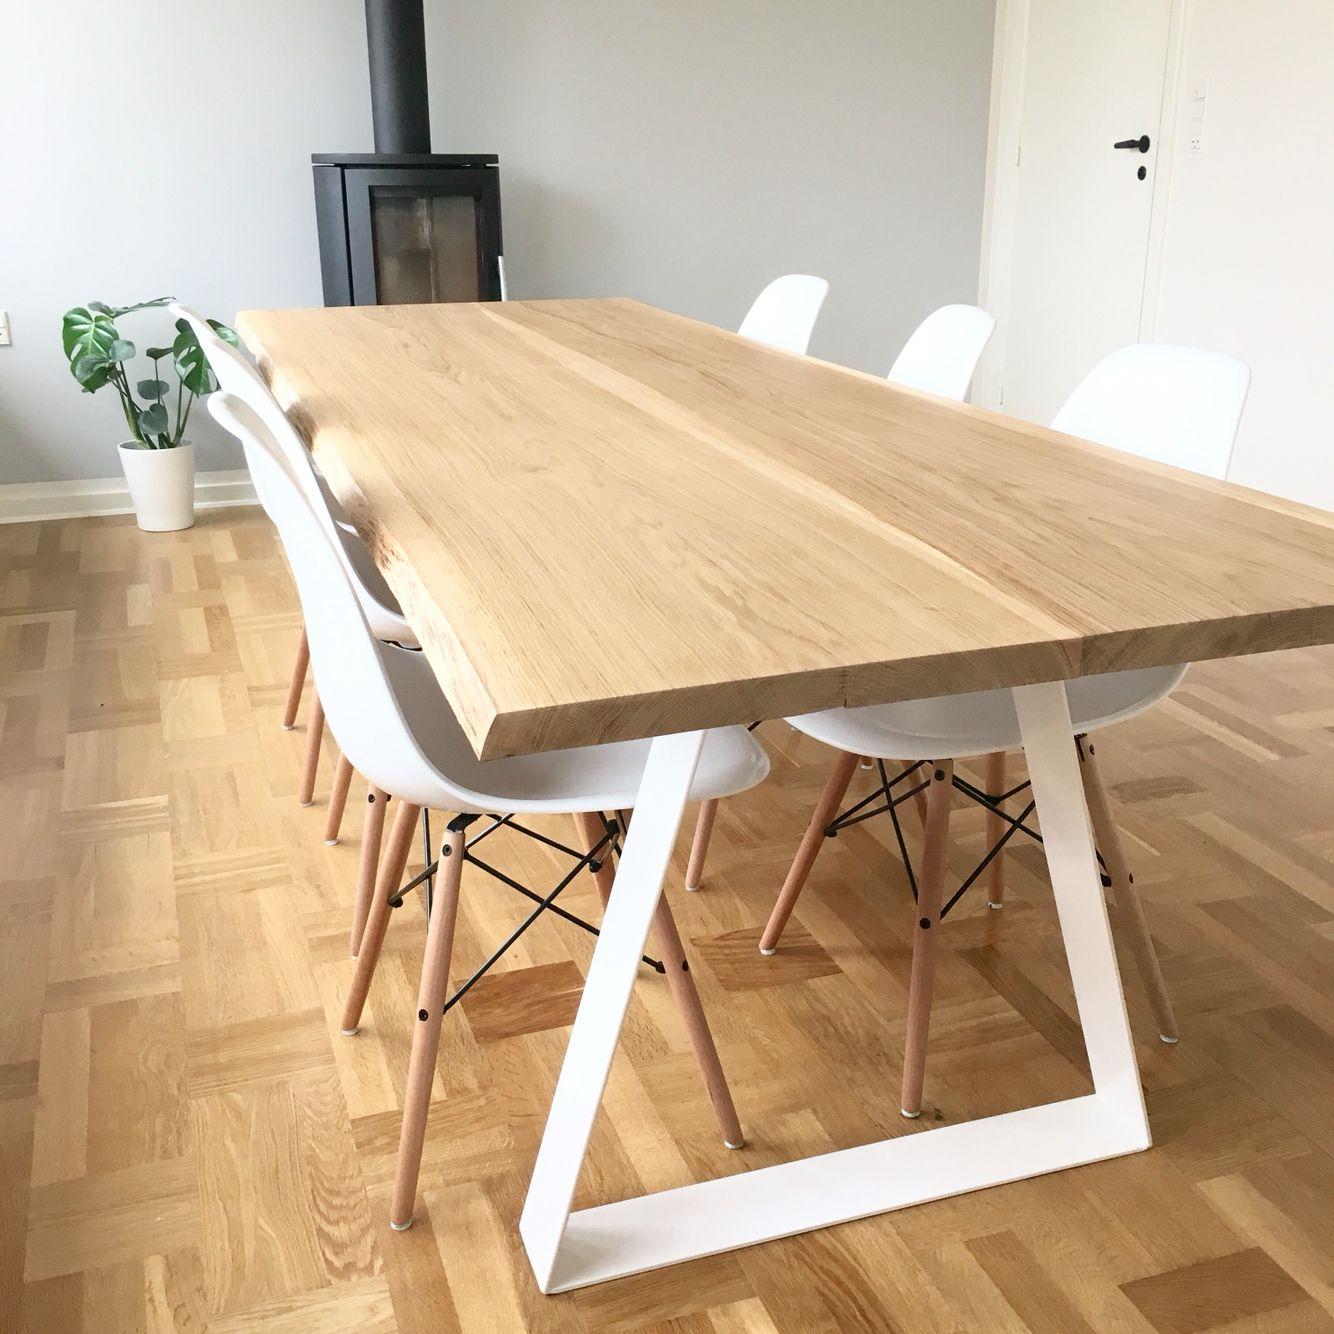 hvidt plankebord